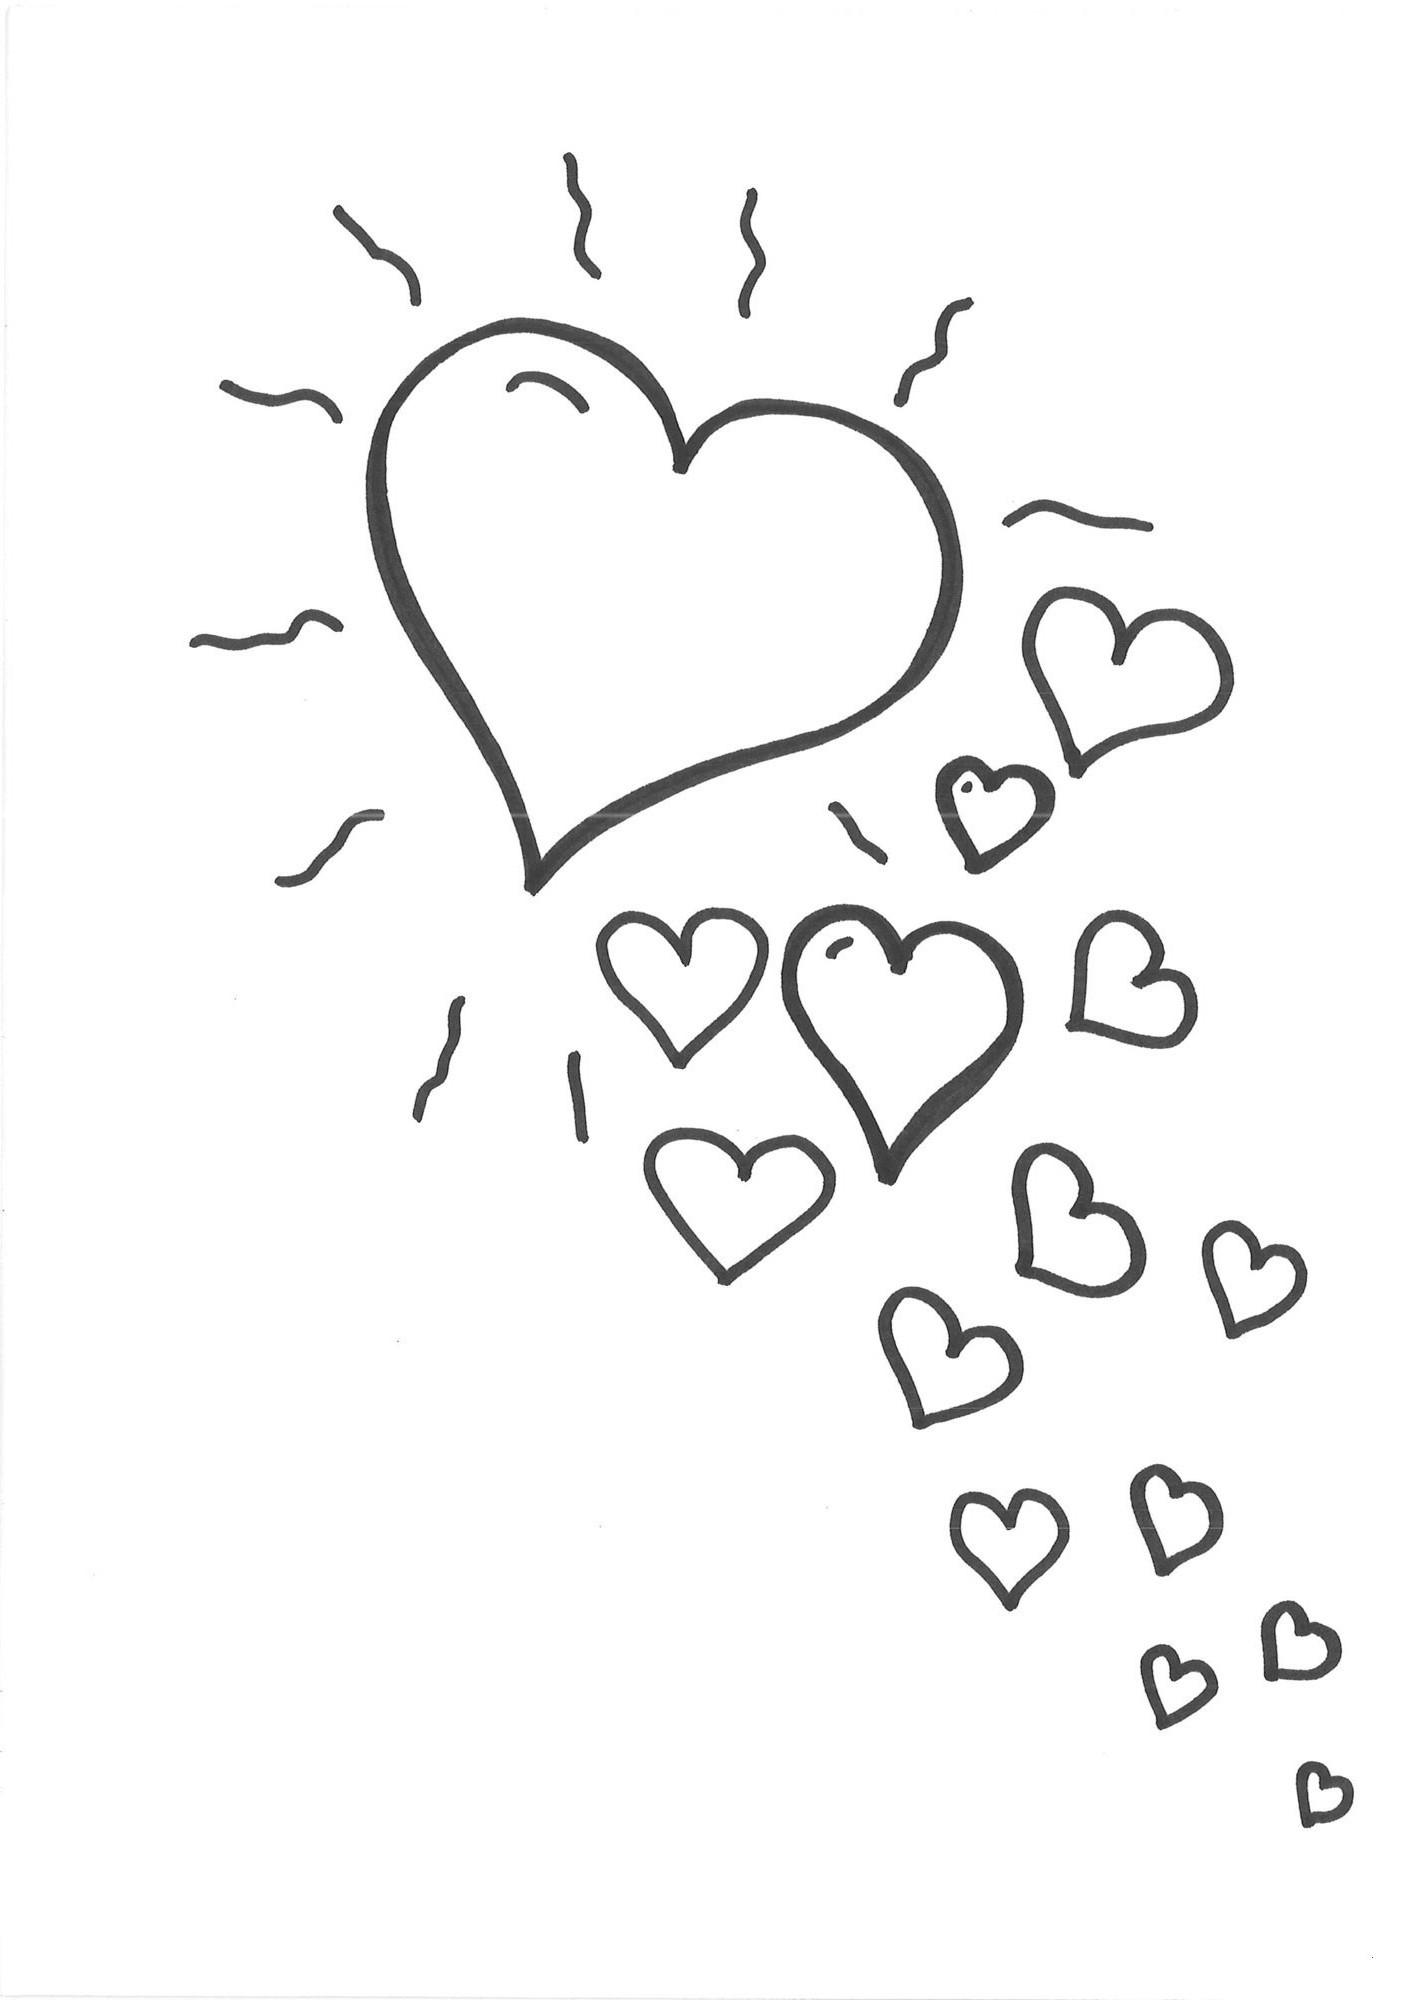 Herz Bilder Zum Ausmalen Inspirierend 22 Lecker Malvorlage Herz – Malvorlagen Ideen Das Bild